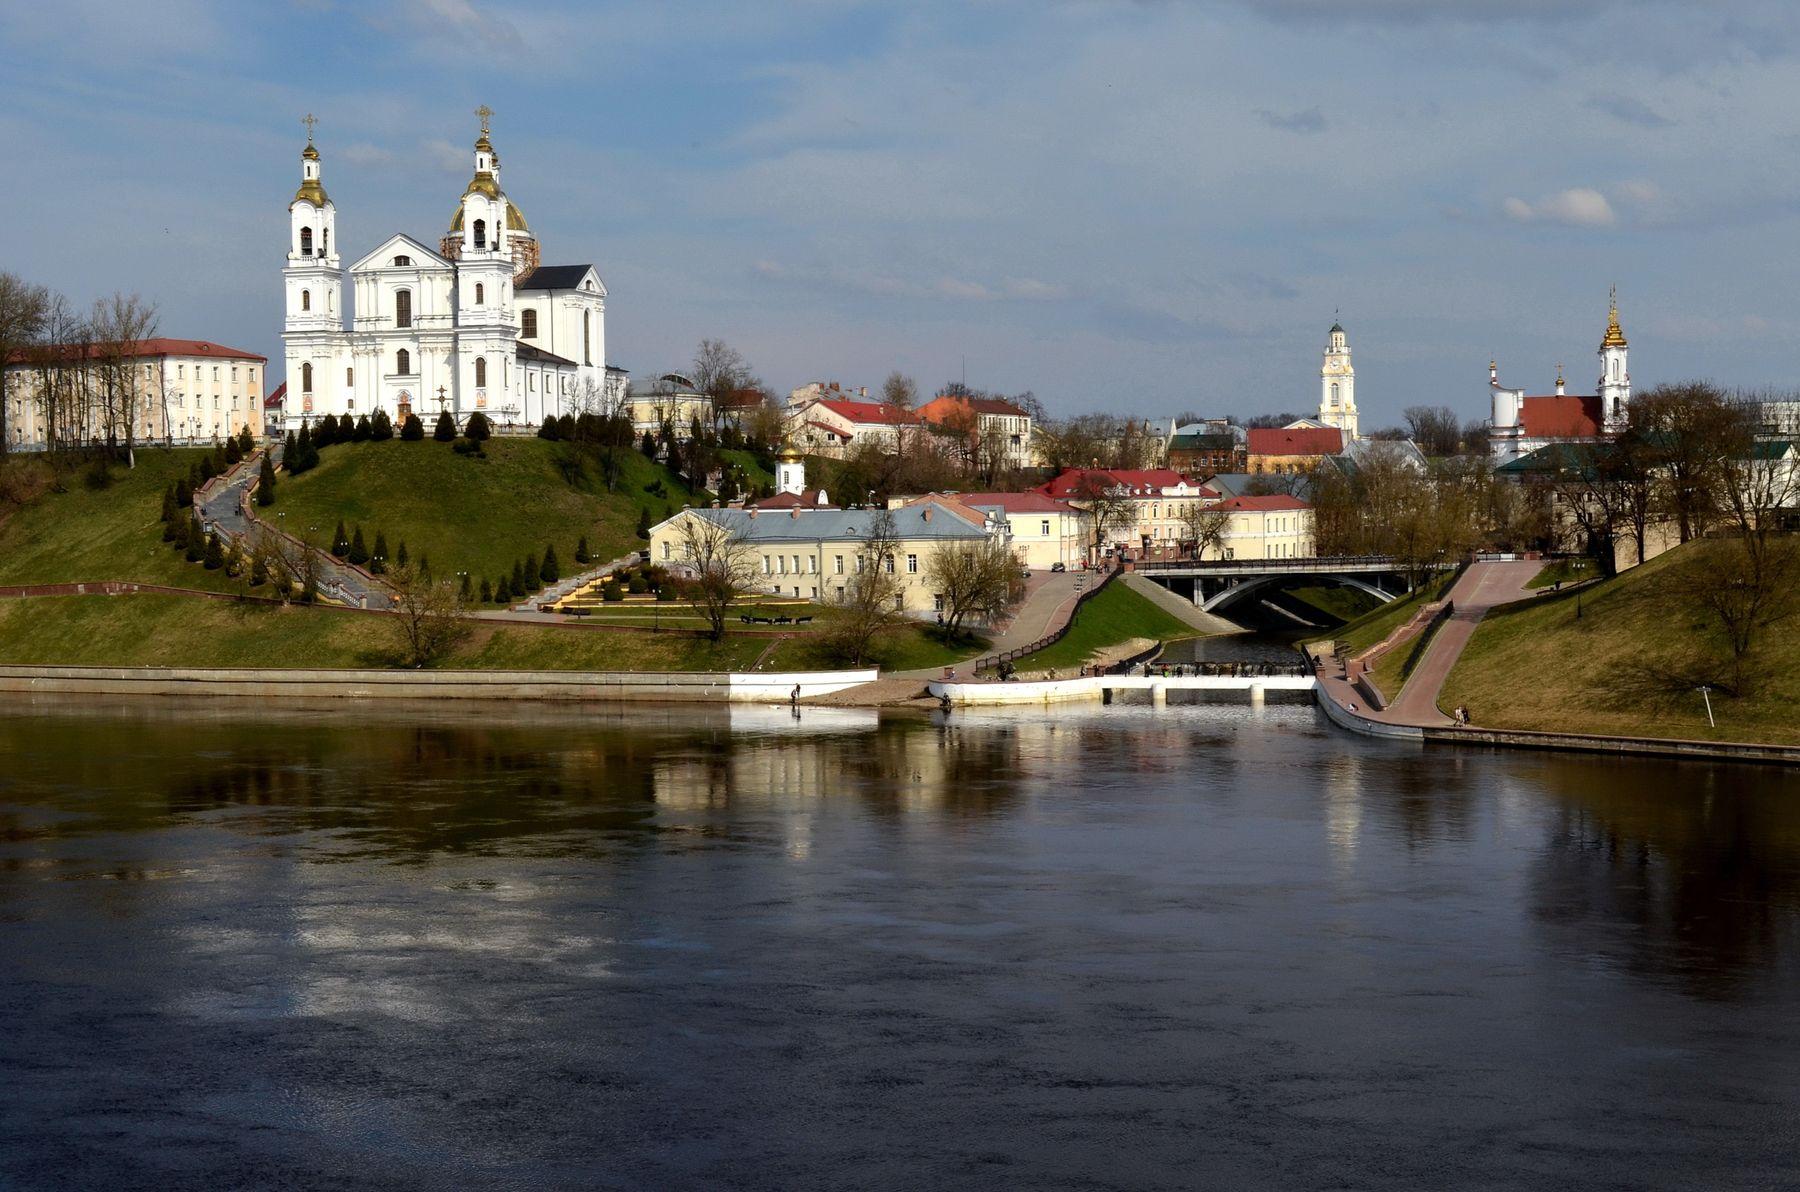 Устье реки Витьба. Город Витебск Витьба Западная Двина Даугава река архитектура устье реки